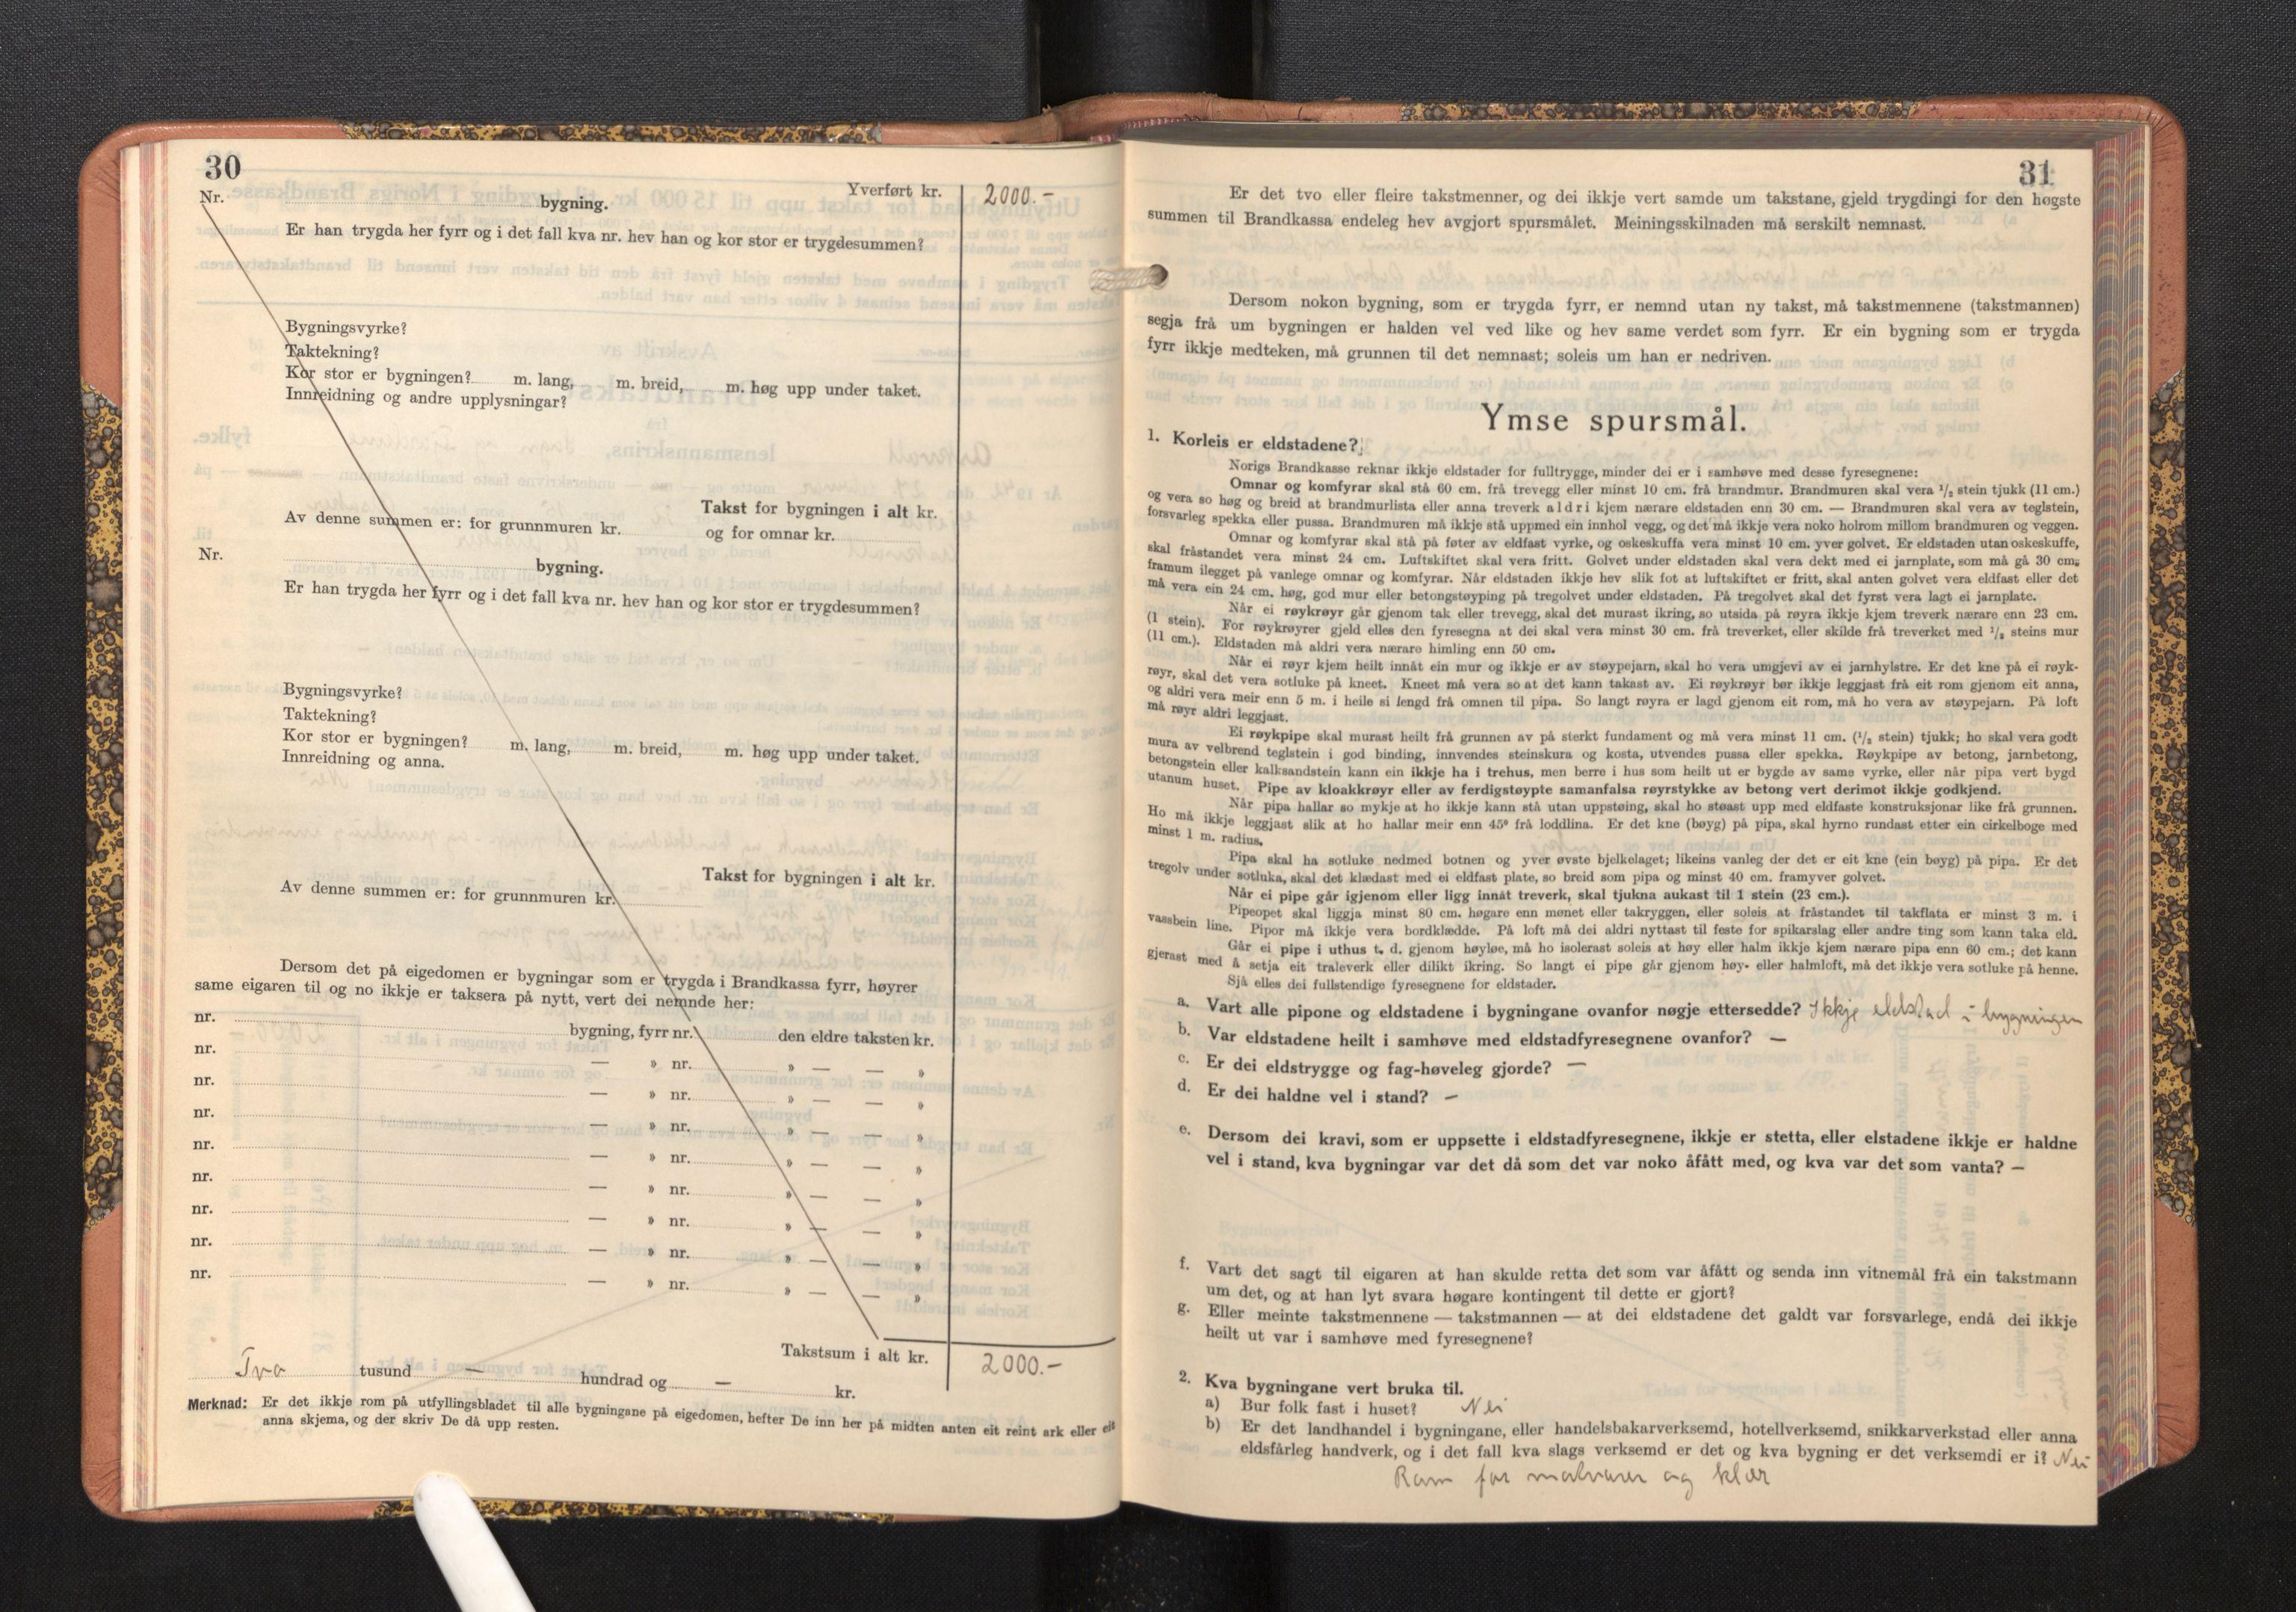 SAB, Lensmannen i Askvoll, 0012/L0005: Branntakstprotokoll, skjematakst, 1940-1949, s. 30-31